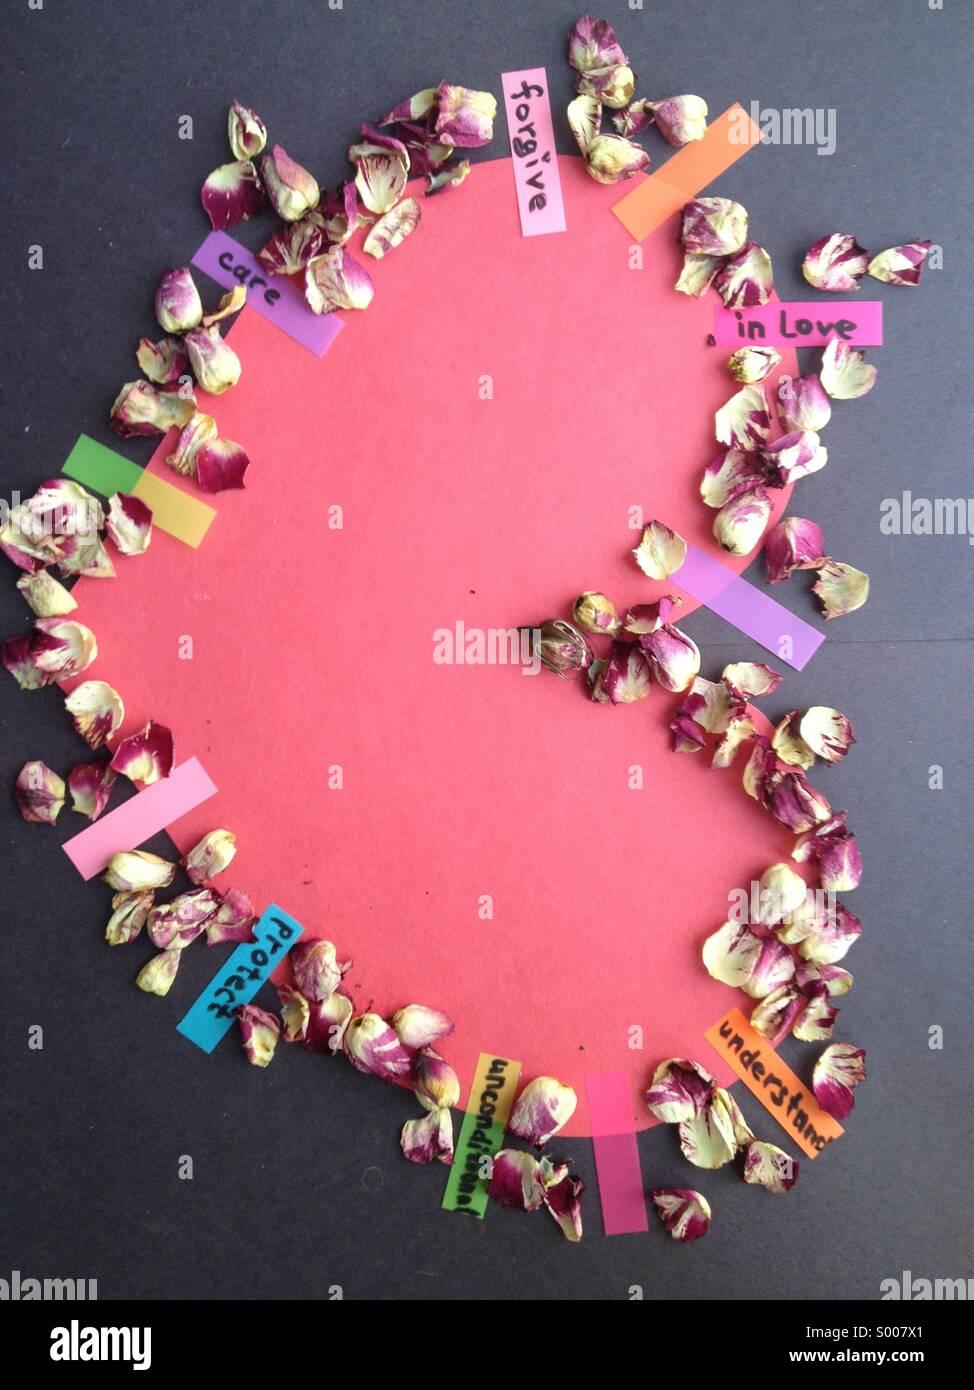 Corazón de papel con pétalos de rosas y pegatinas con palabras escritas Imagen De Stock